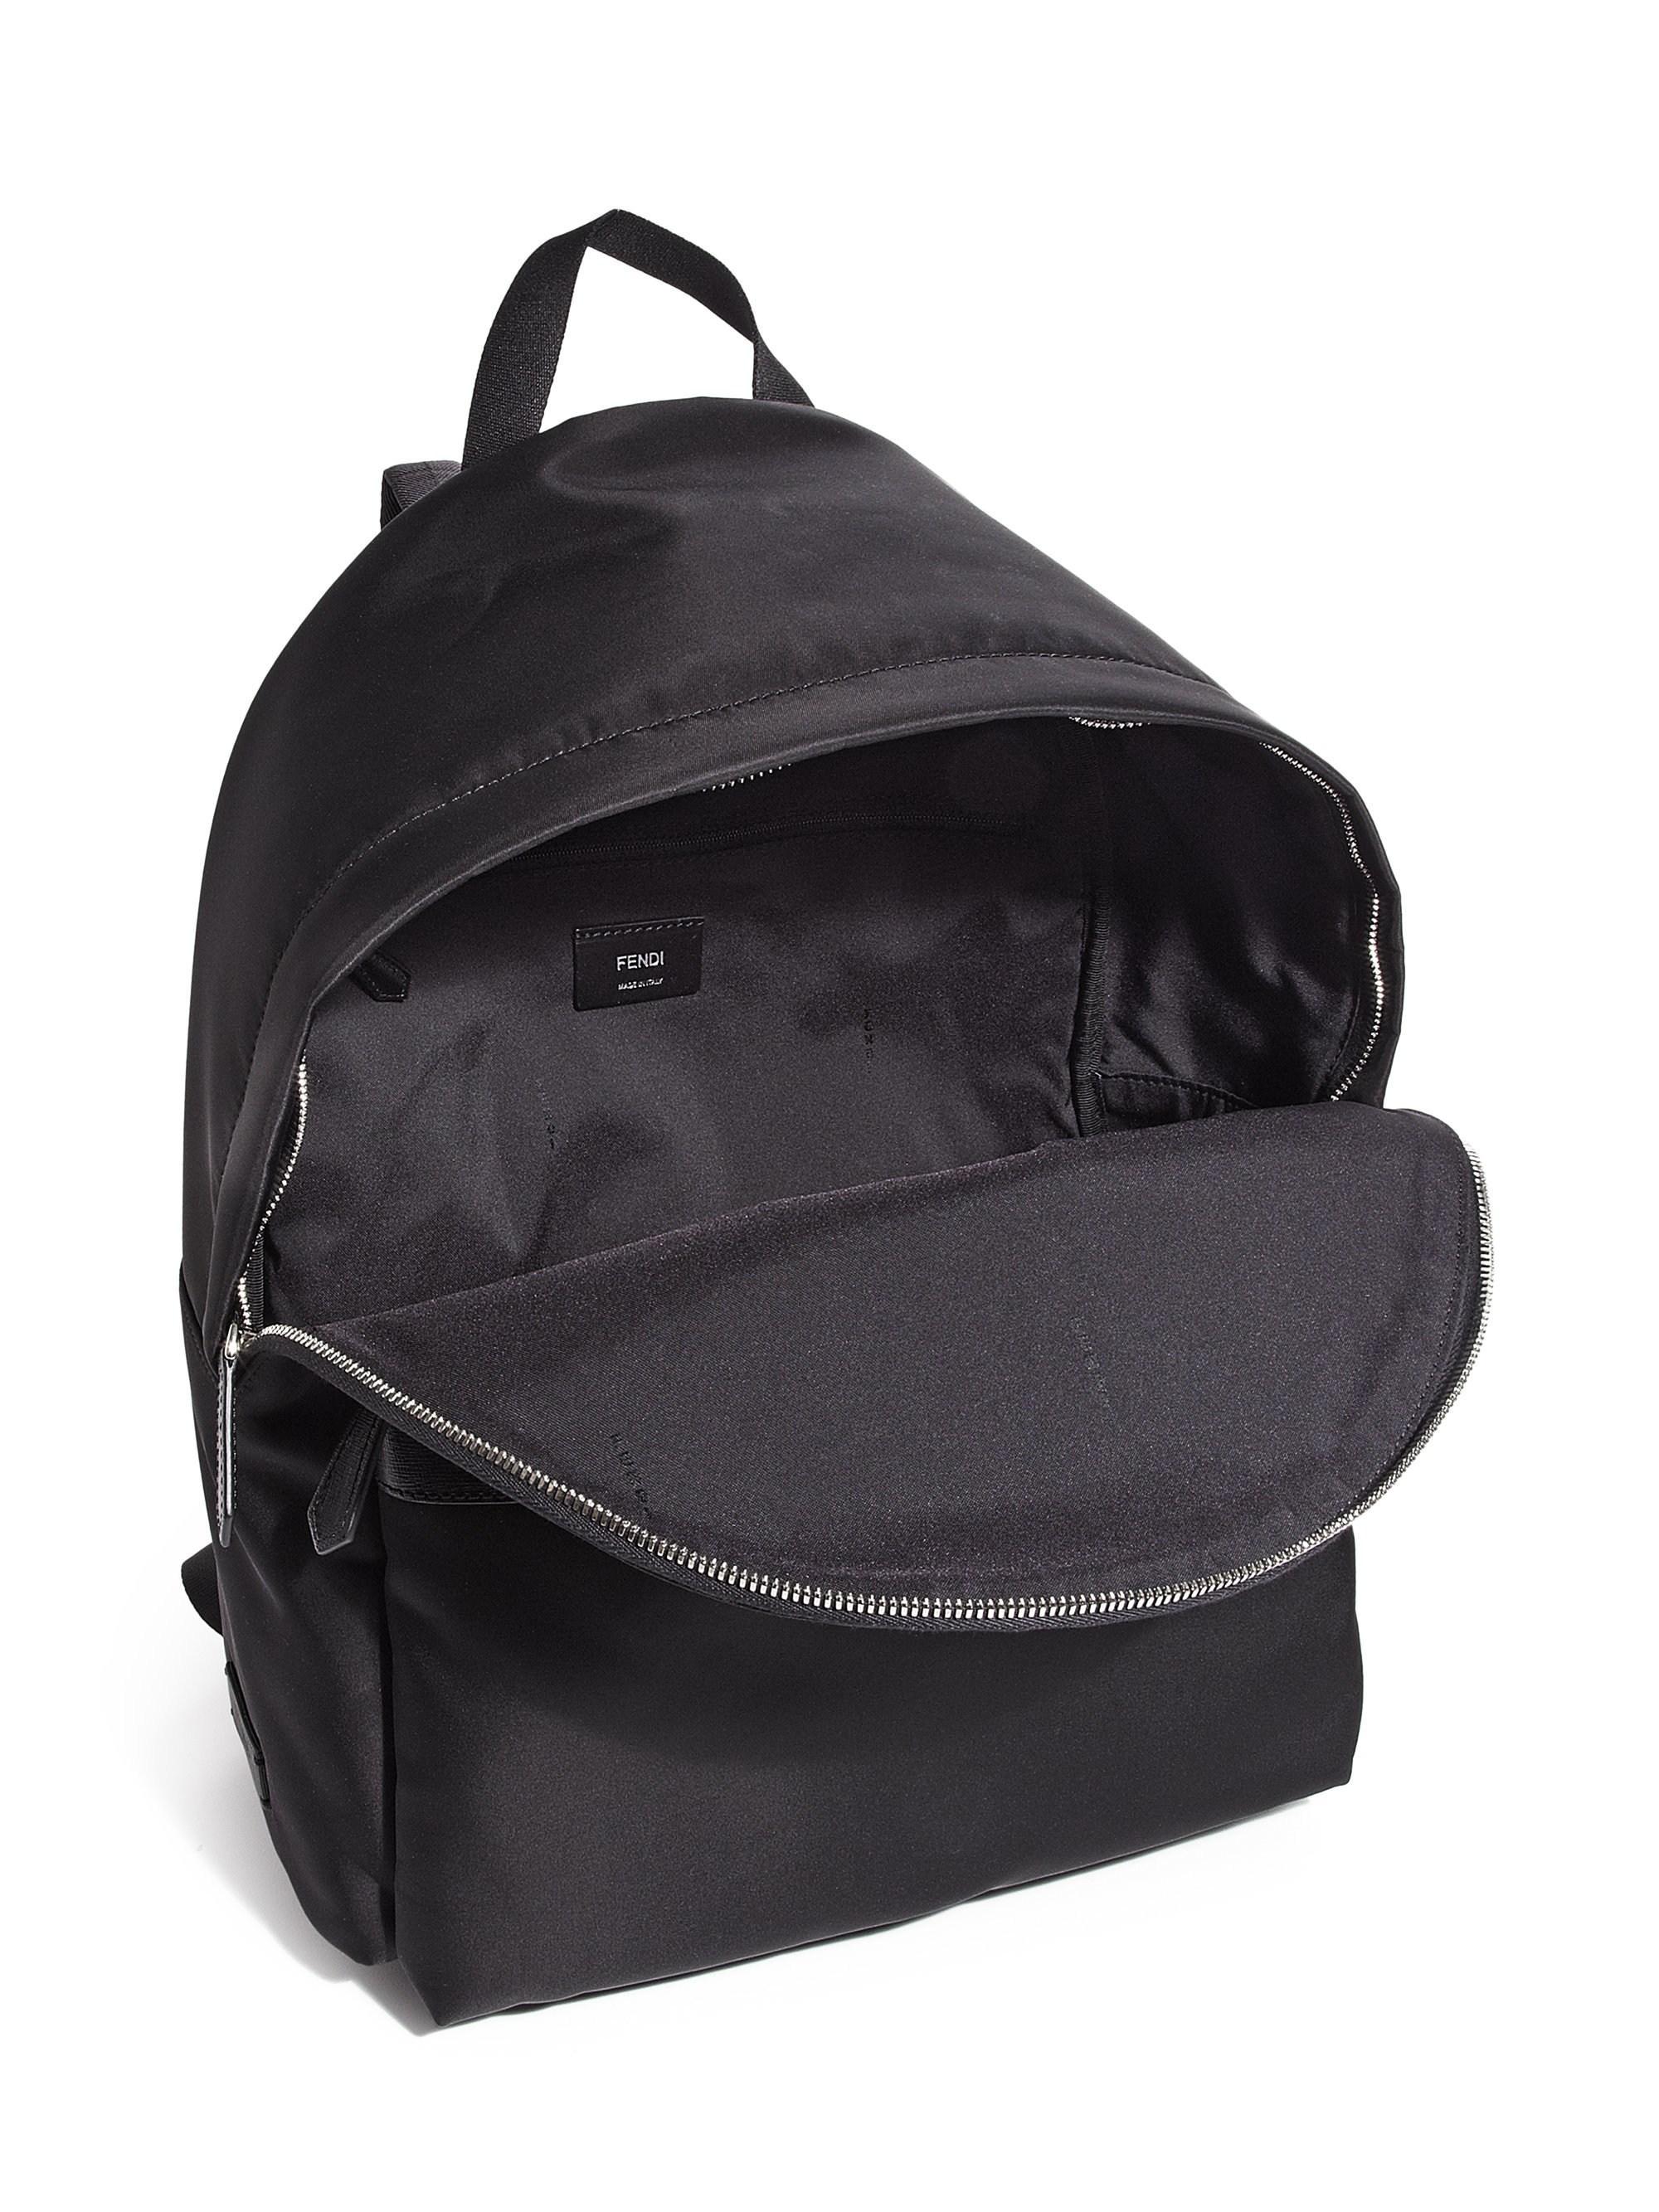 db6089a663f3 Lyst - Fendi Nylon Monster Backpack in Black for Men